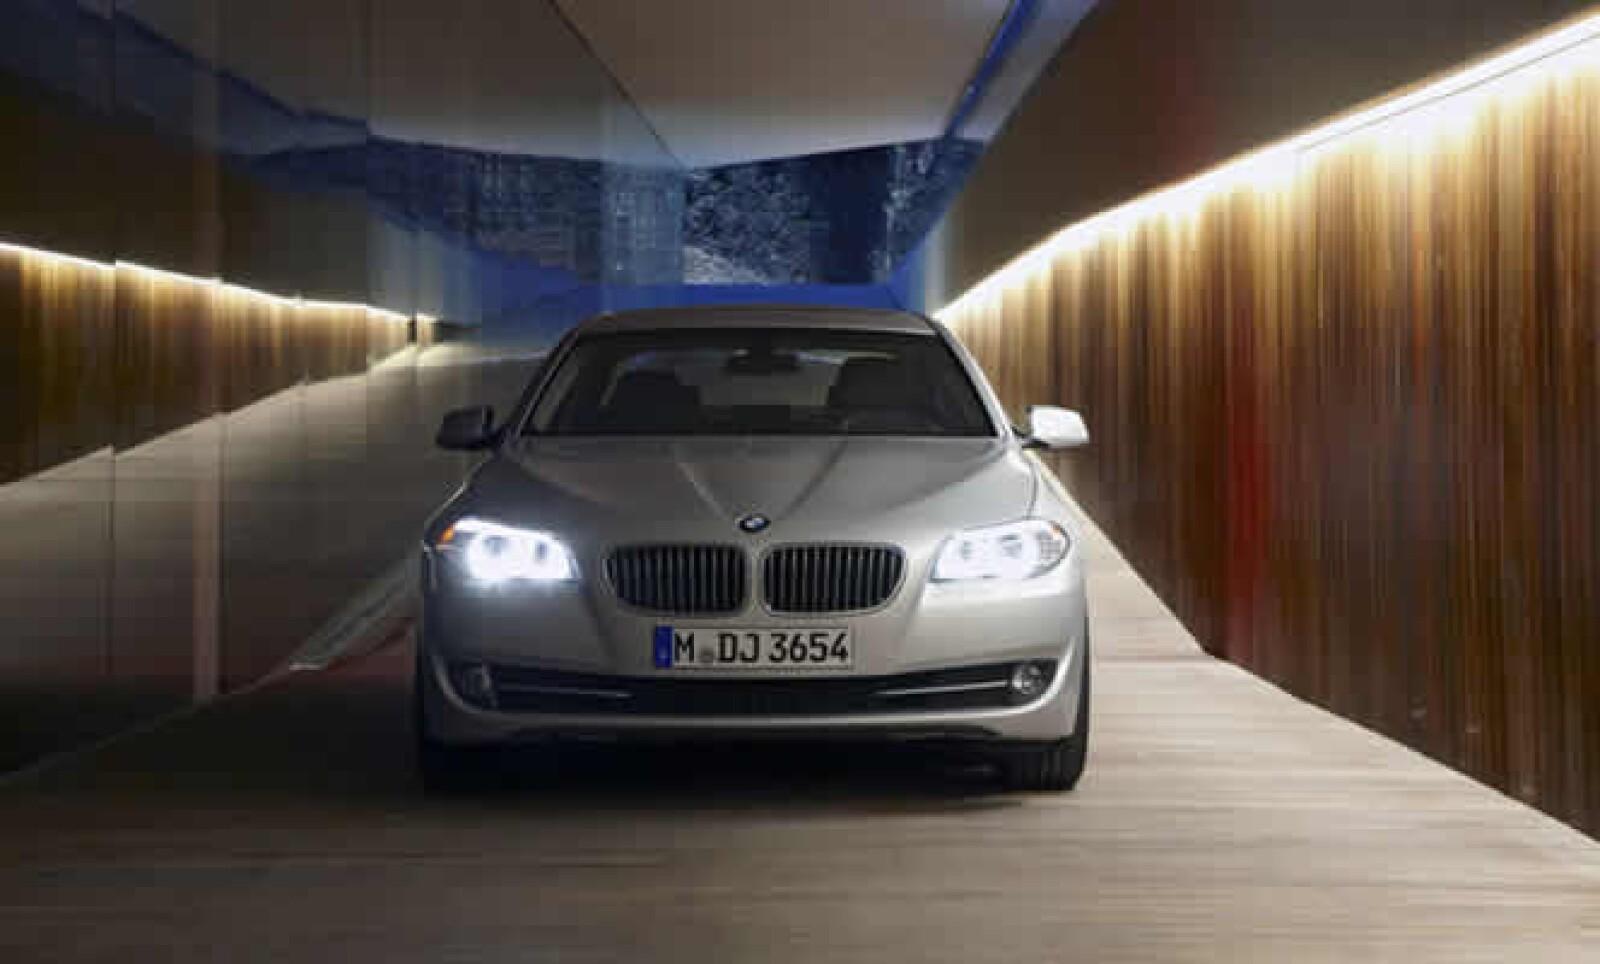 Llego a nuestro país el BMW Serie 5 Gran Turismo, un vehículo diseñado para quienes buscan un automóvil espacioso, con lujo y gran espacio interior.